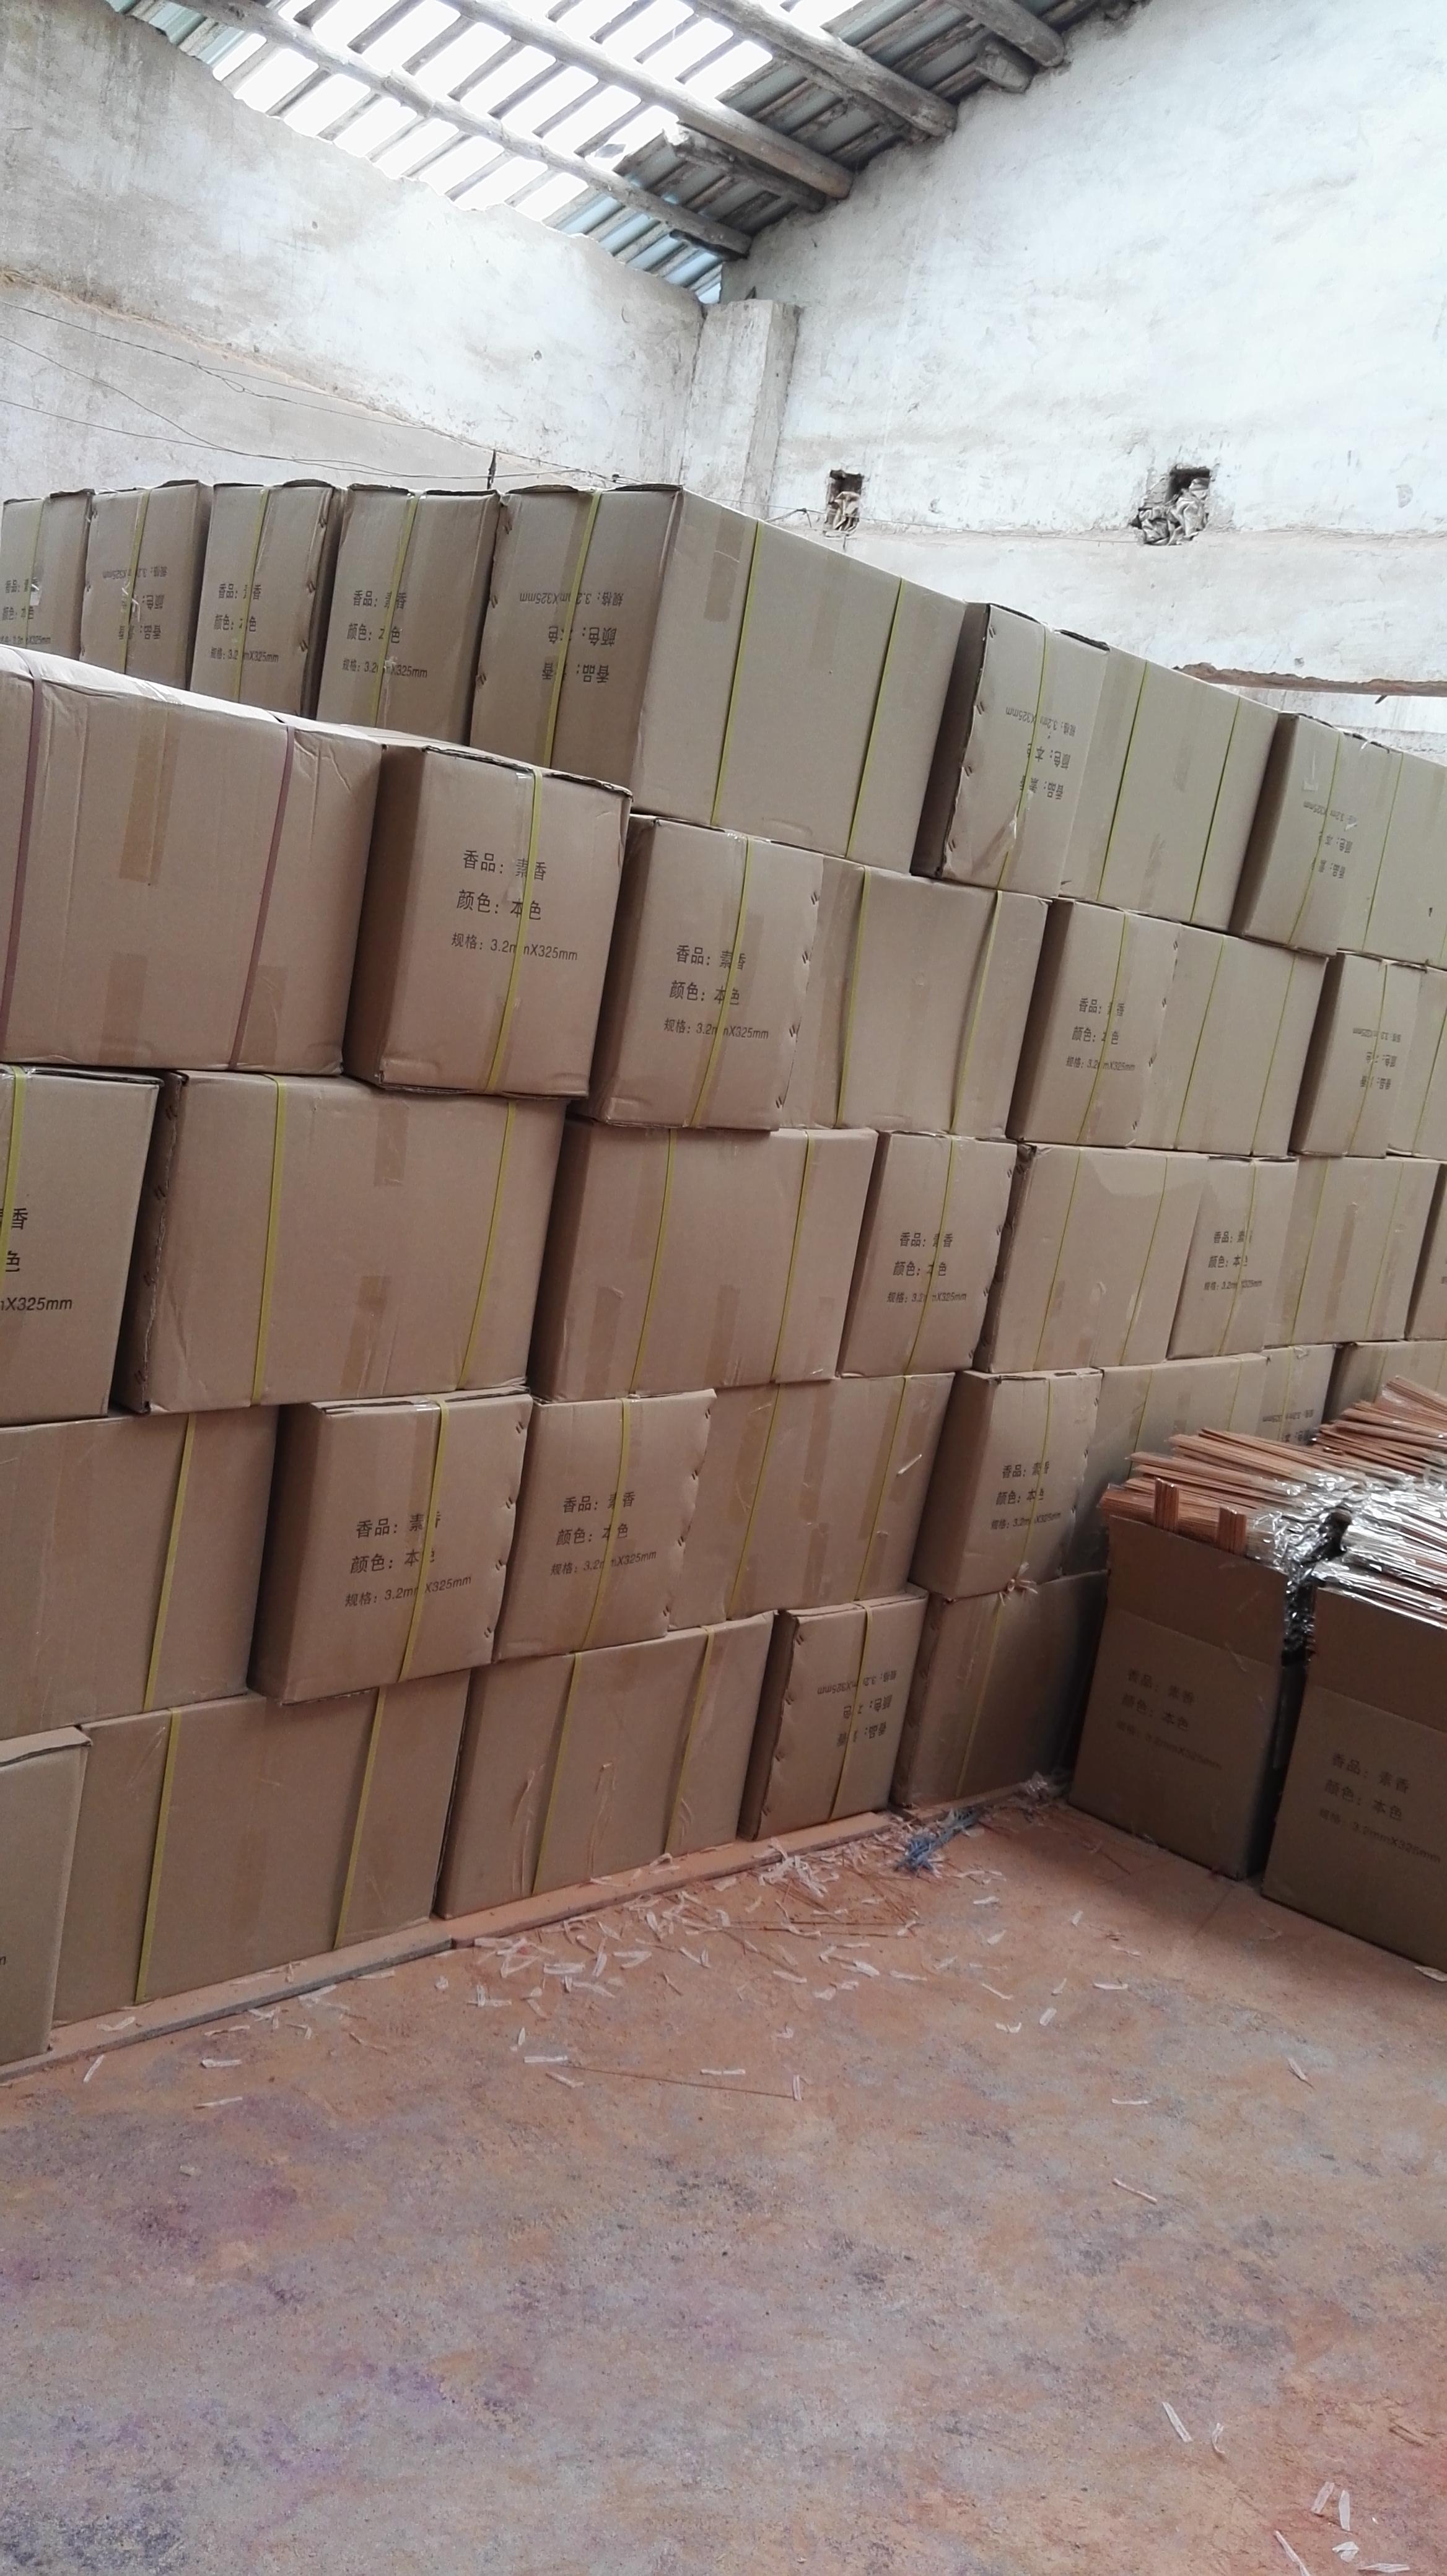 贵州佛香报价 贵州佛香批发商 贵州佛香供应 贵州佛香 贵州佛香厂